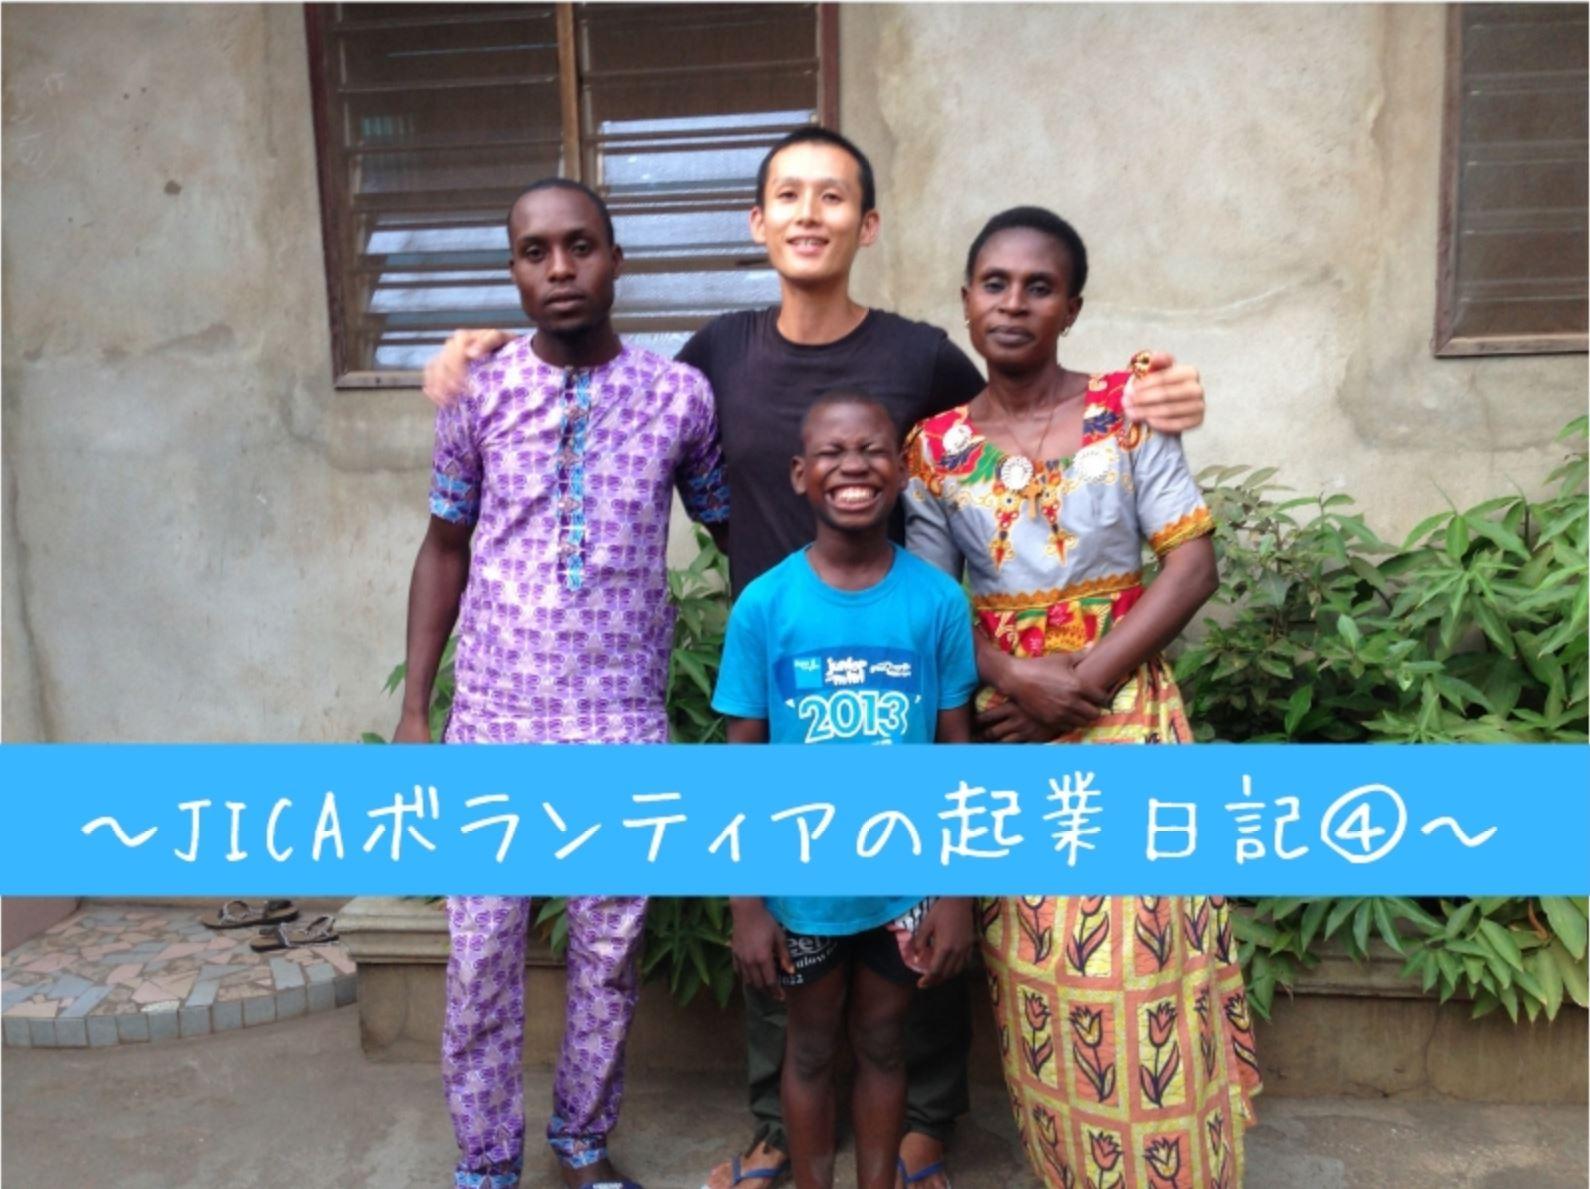 第一章 Kazとの再会 ~35歳JICAボランティアのベナン起業日記④~